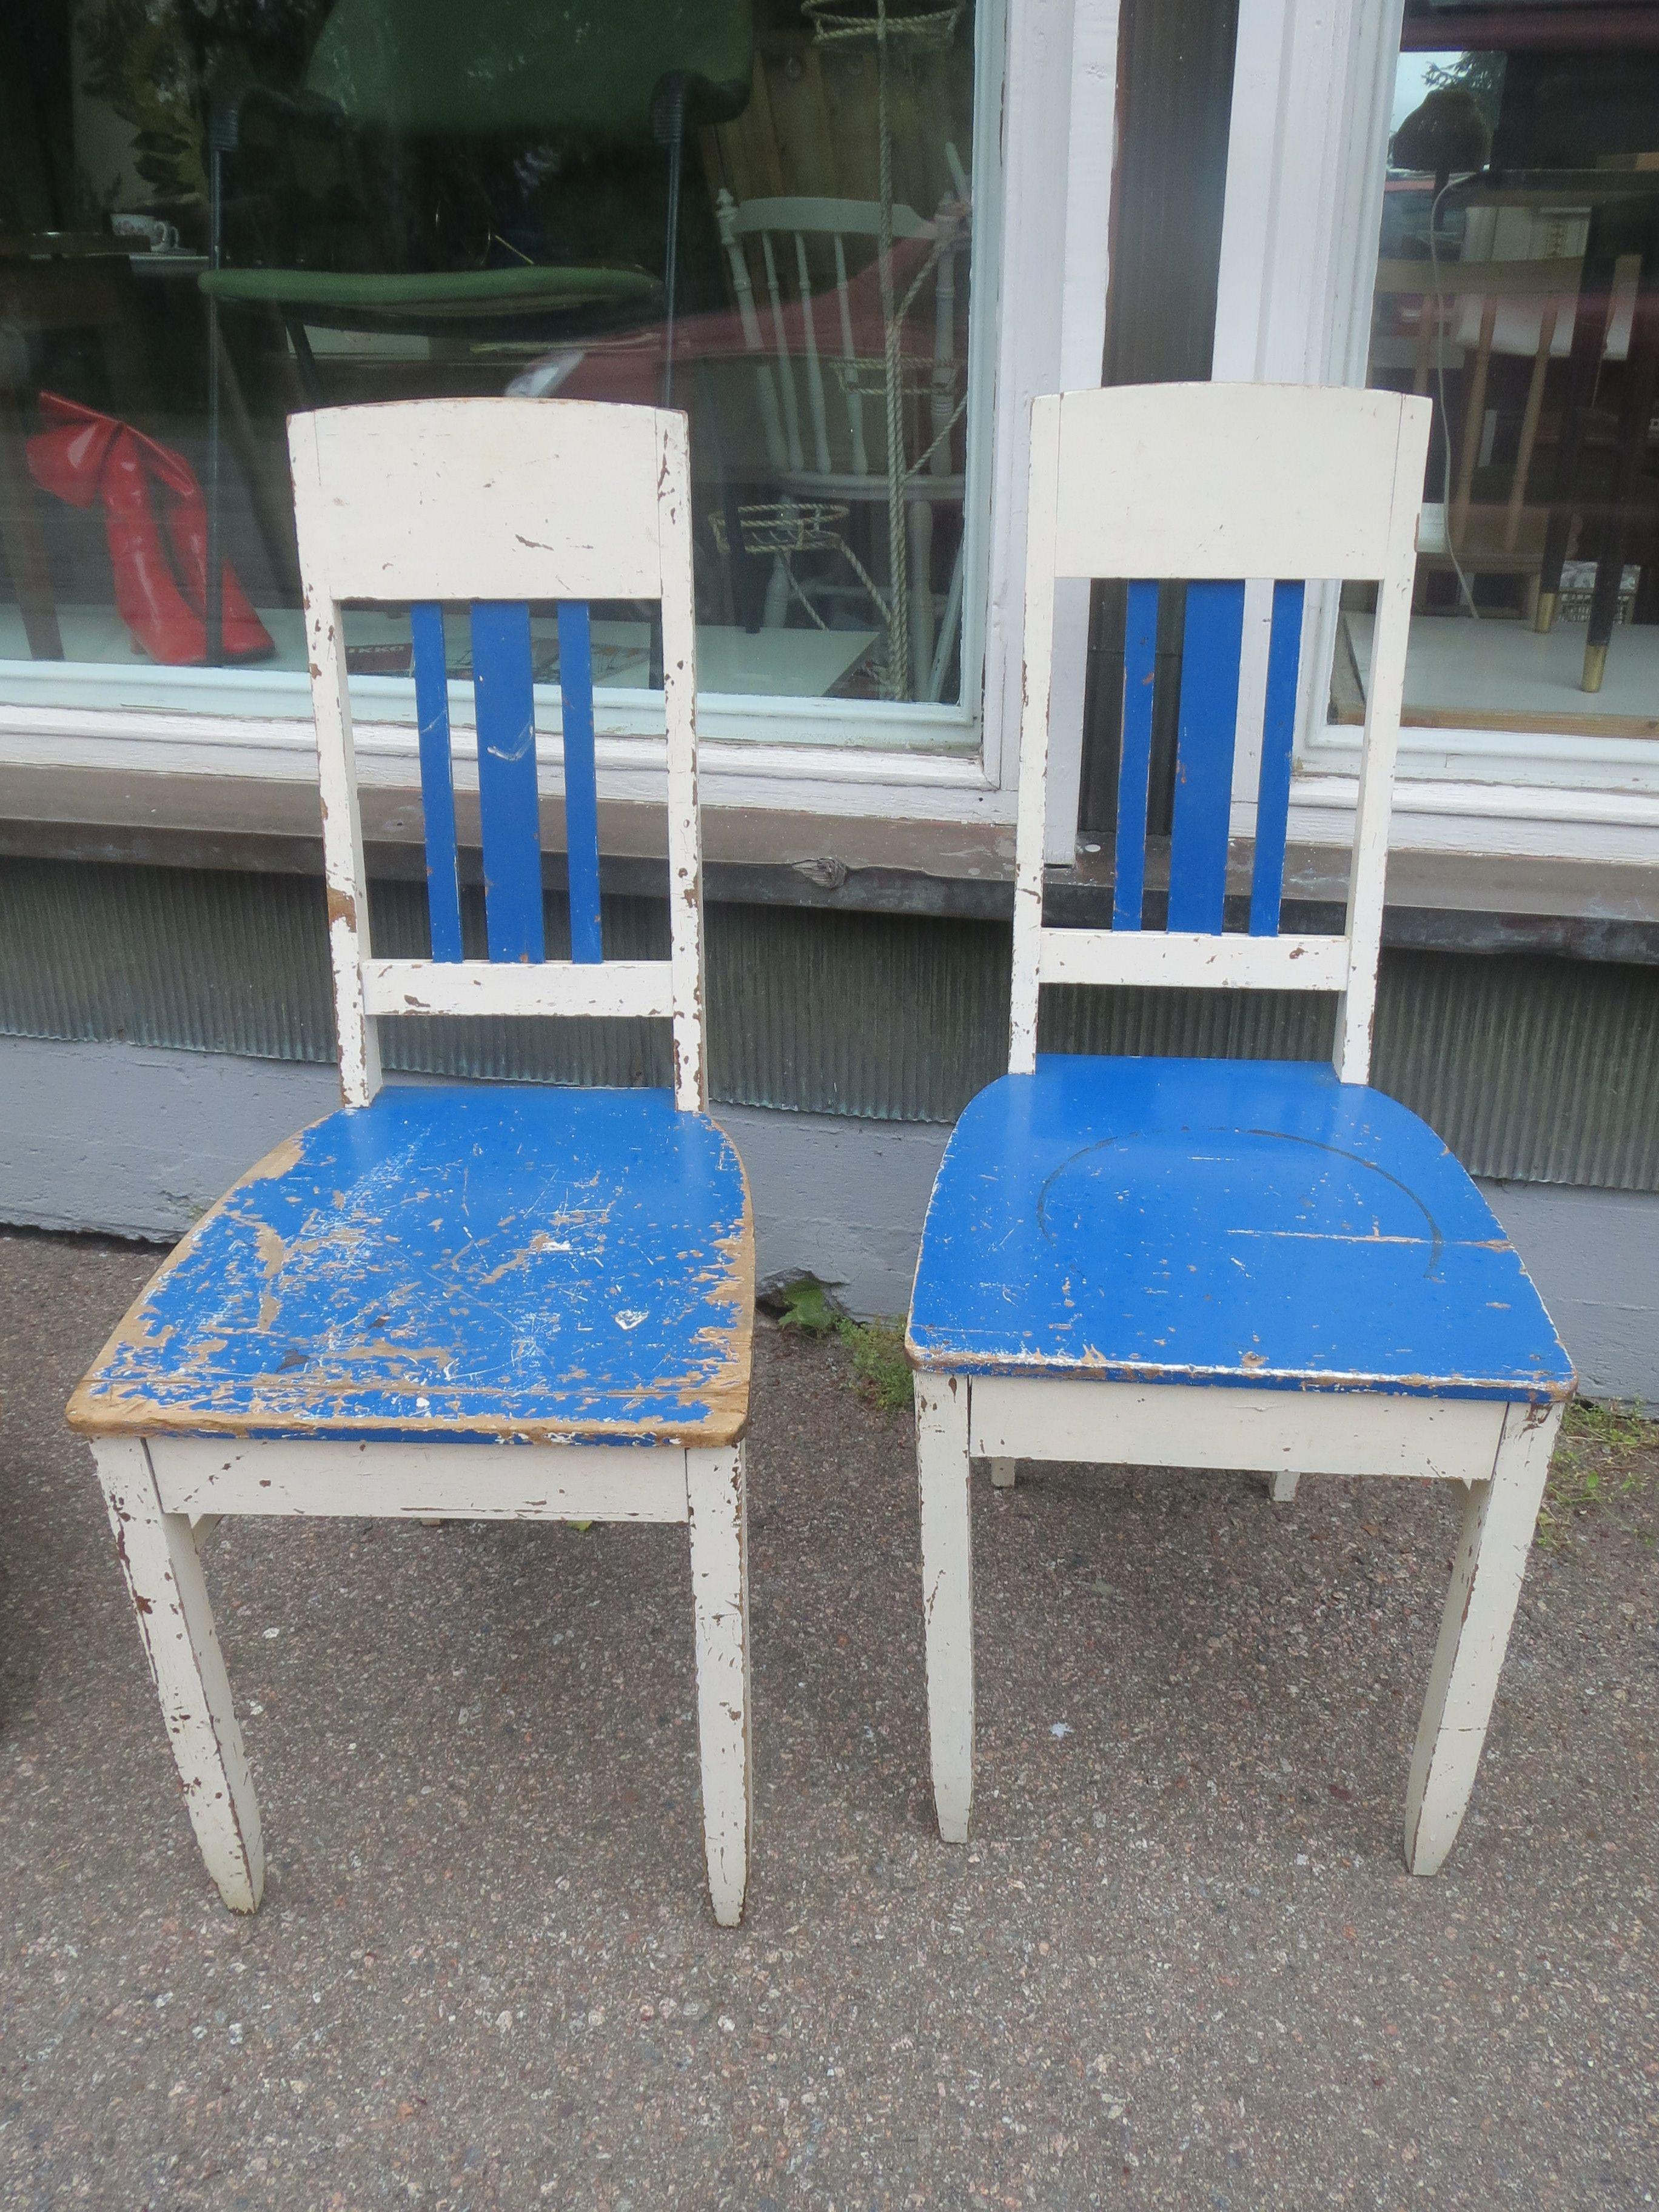 Kauniinmalliset jugend-tuolit, pinnoissa jo reilusti kulumaa, toisen tuolin etureunaan tehty korjailua ja siinä on muutama naula, liimaukset melko hyvässä kunnossa. MYYTY.